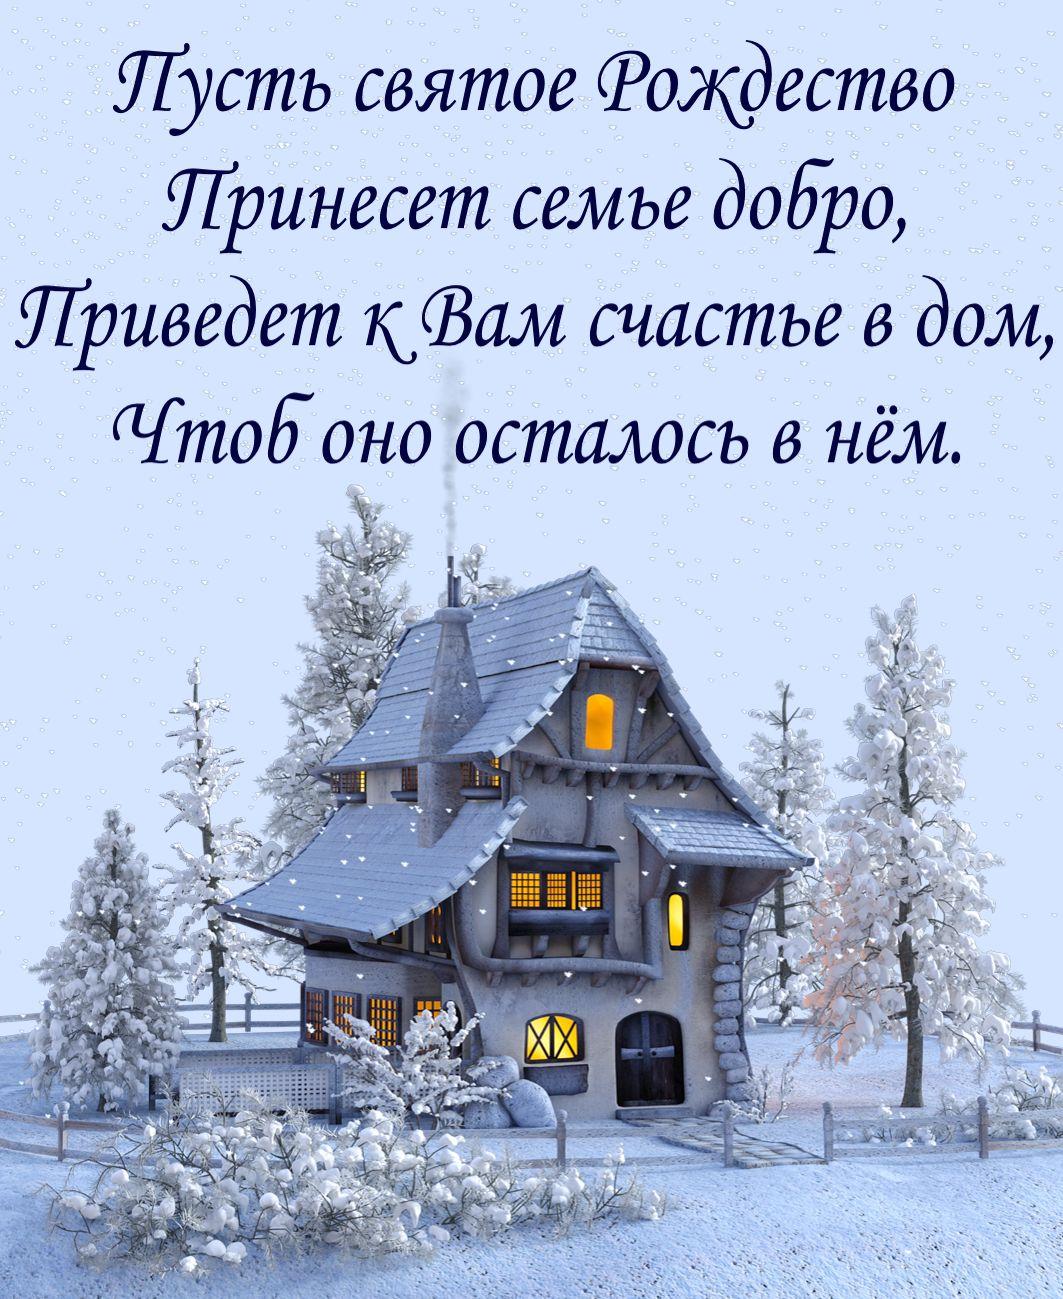 Пожелание со сказочным домиком